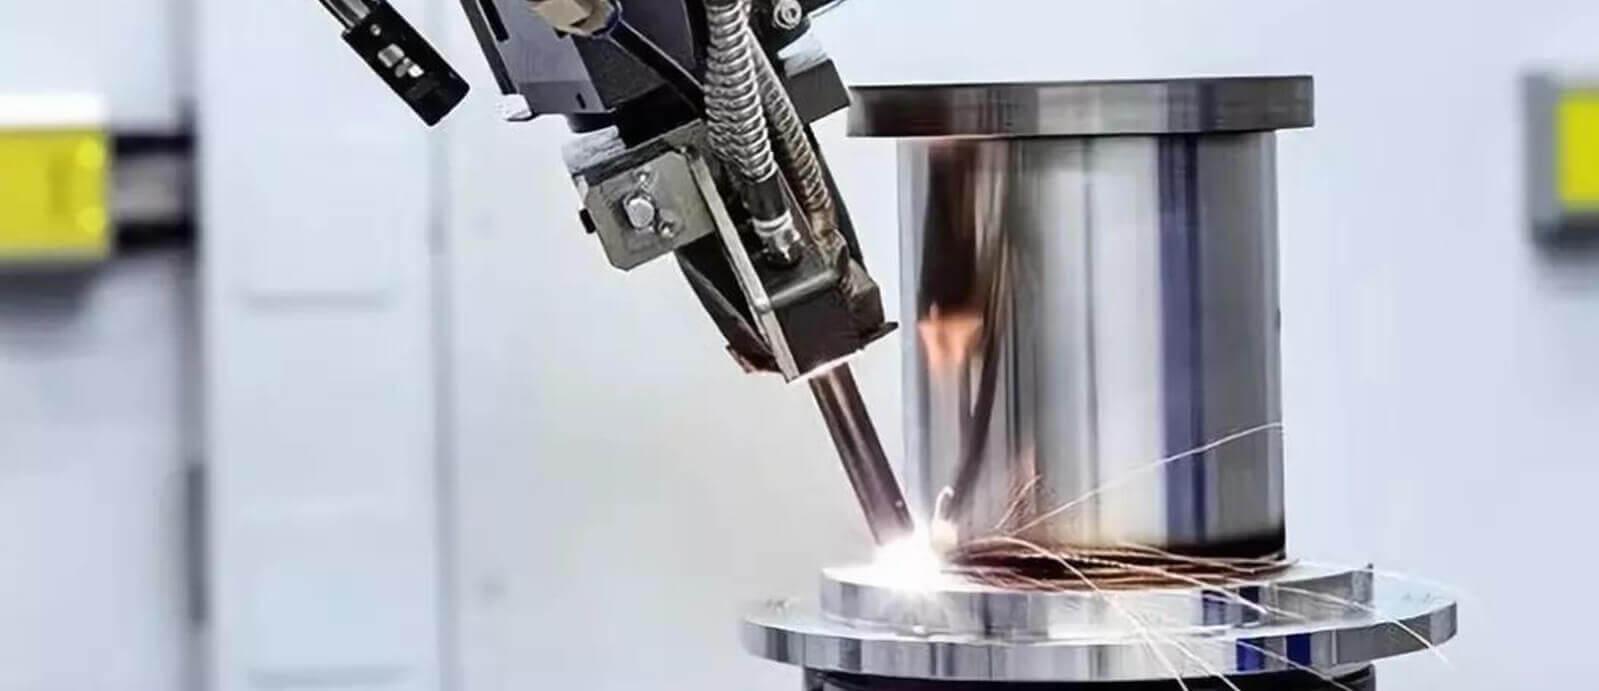 Amostras de soldagem a laser